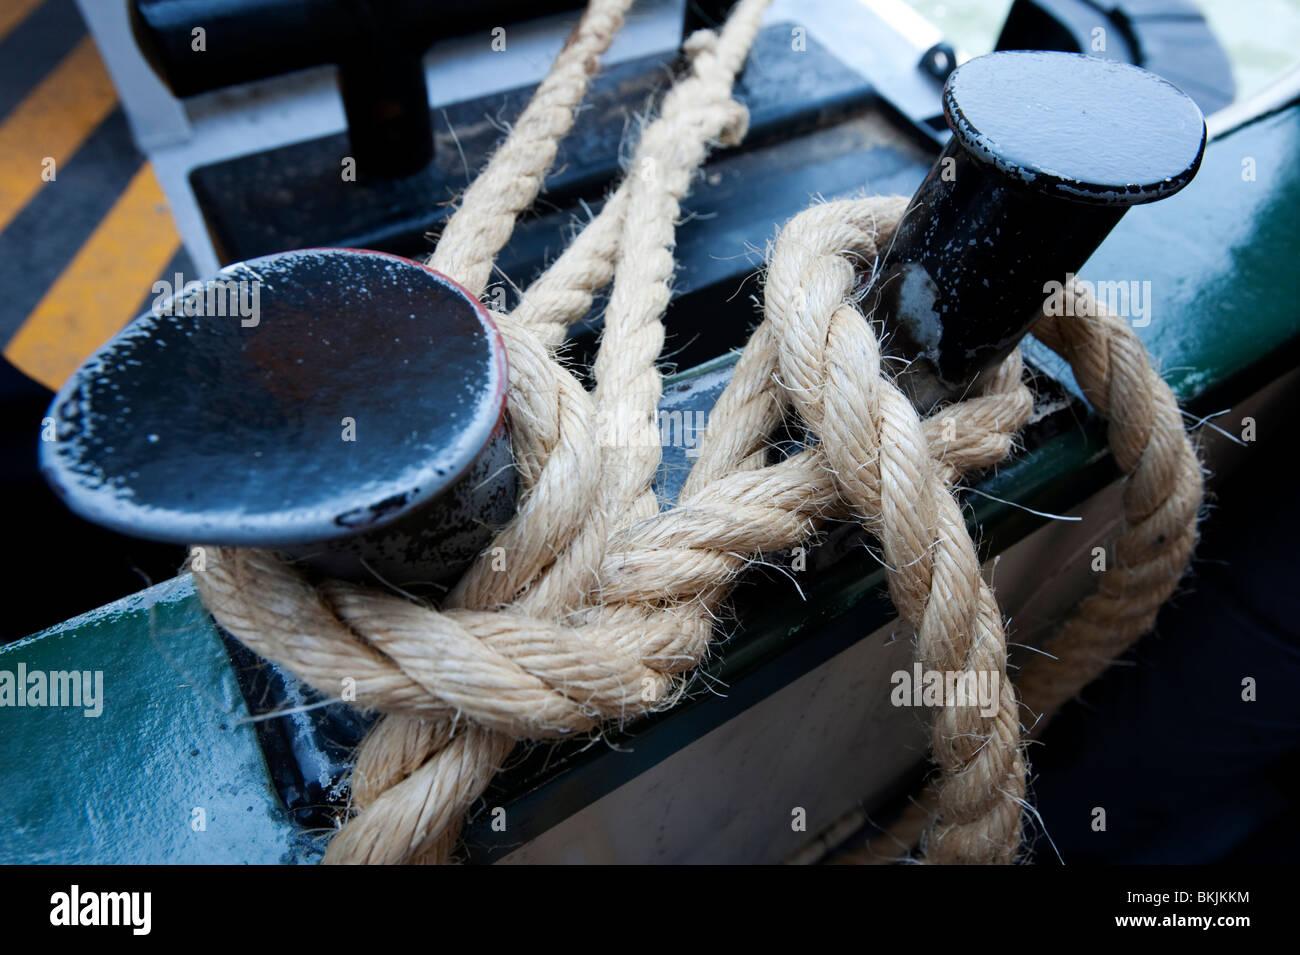 Détail de l'amarrage de la corde sur le vaporetto sur le Grand Canal à Venise Italie Photo Stock